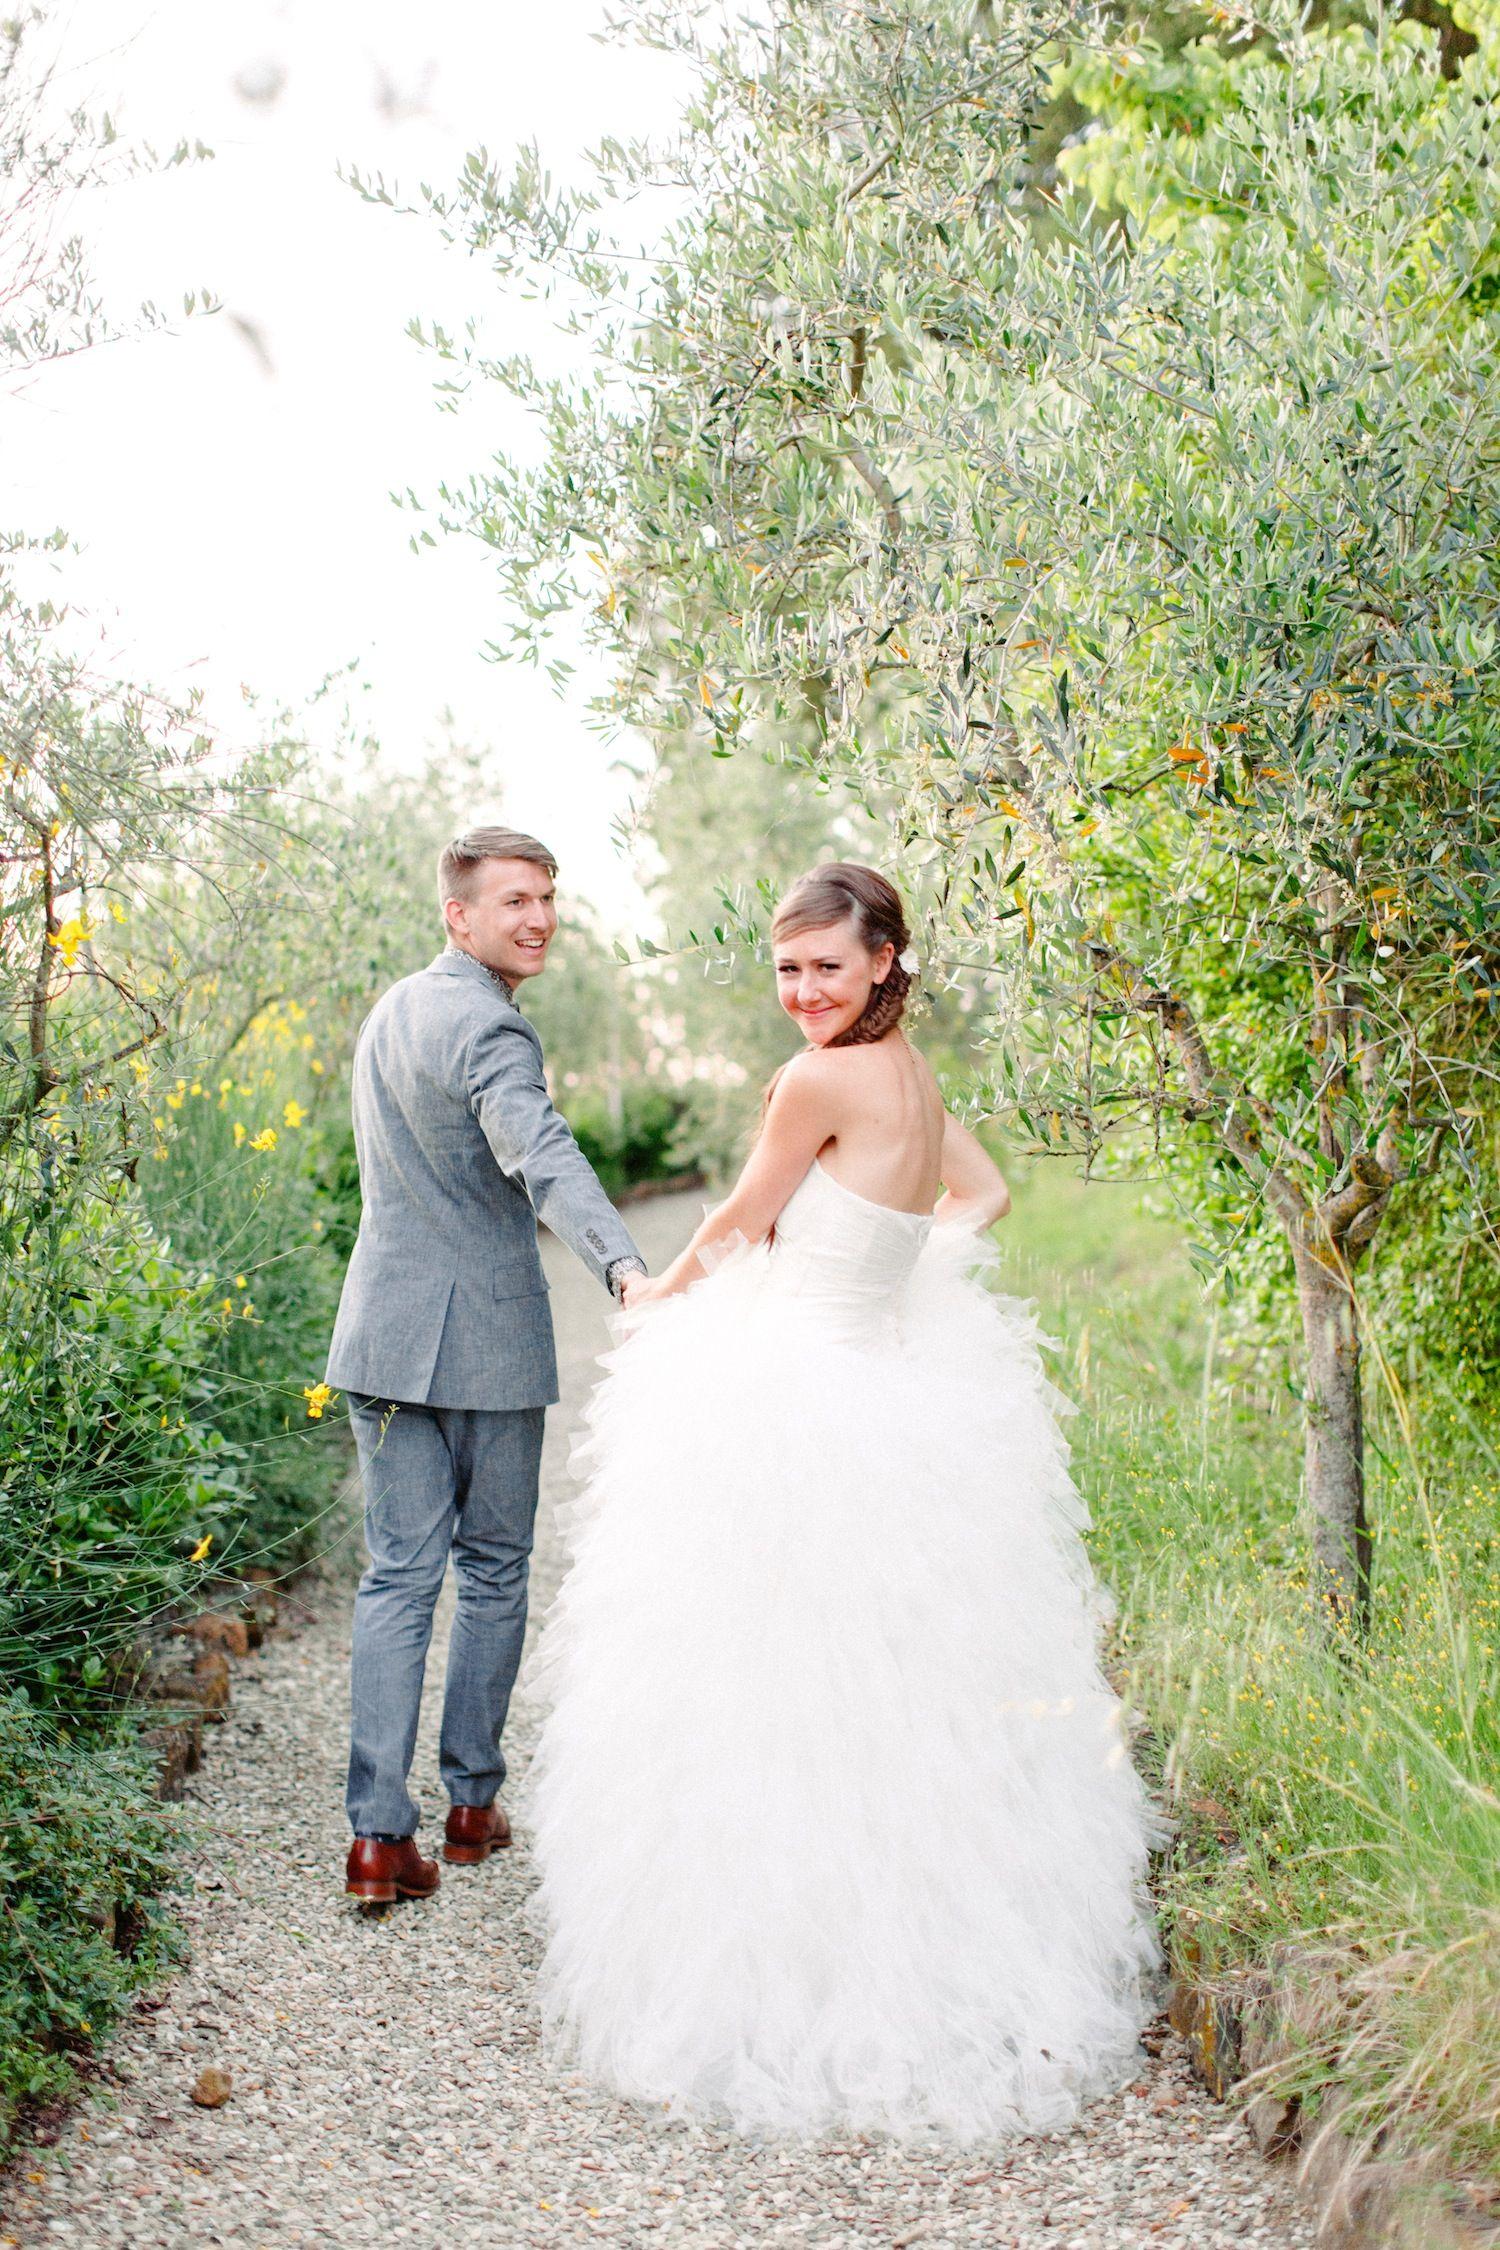 Courtney and Patrick Hochzeit in der Toskana von Amanda K